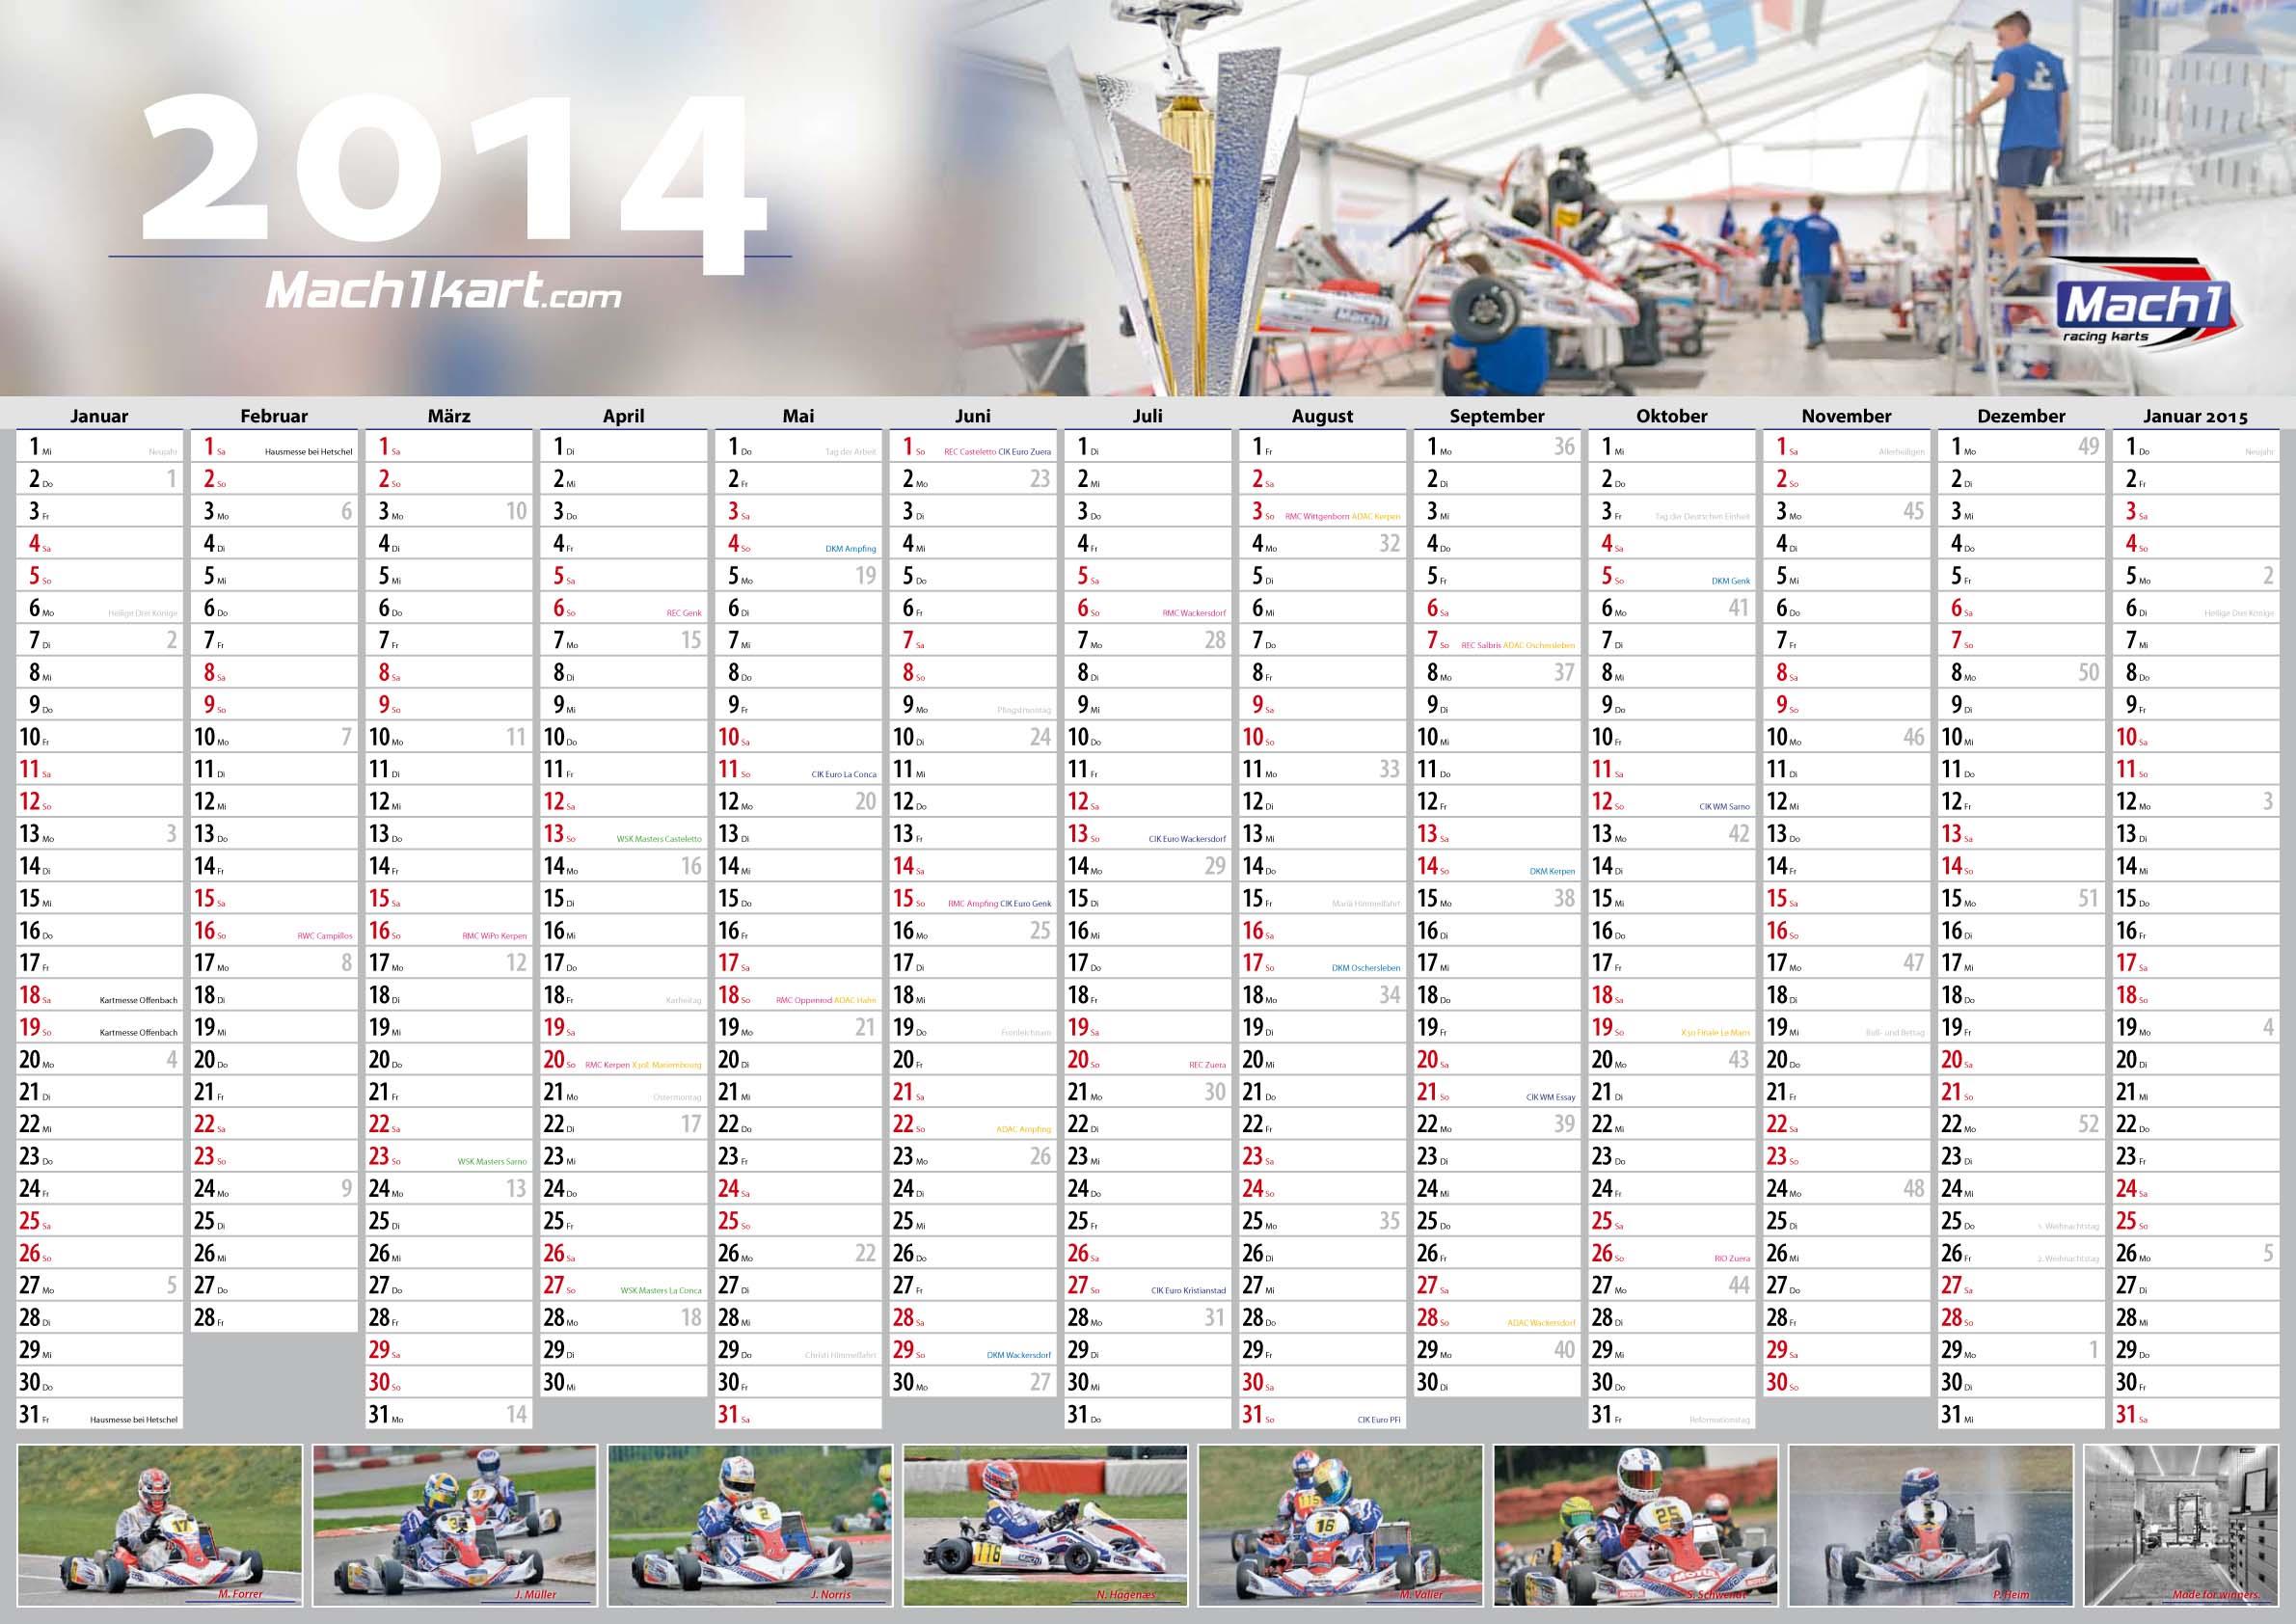 mach1 motorsport calendar 2014